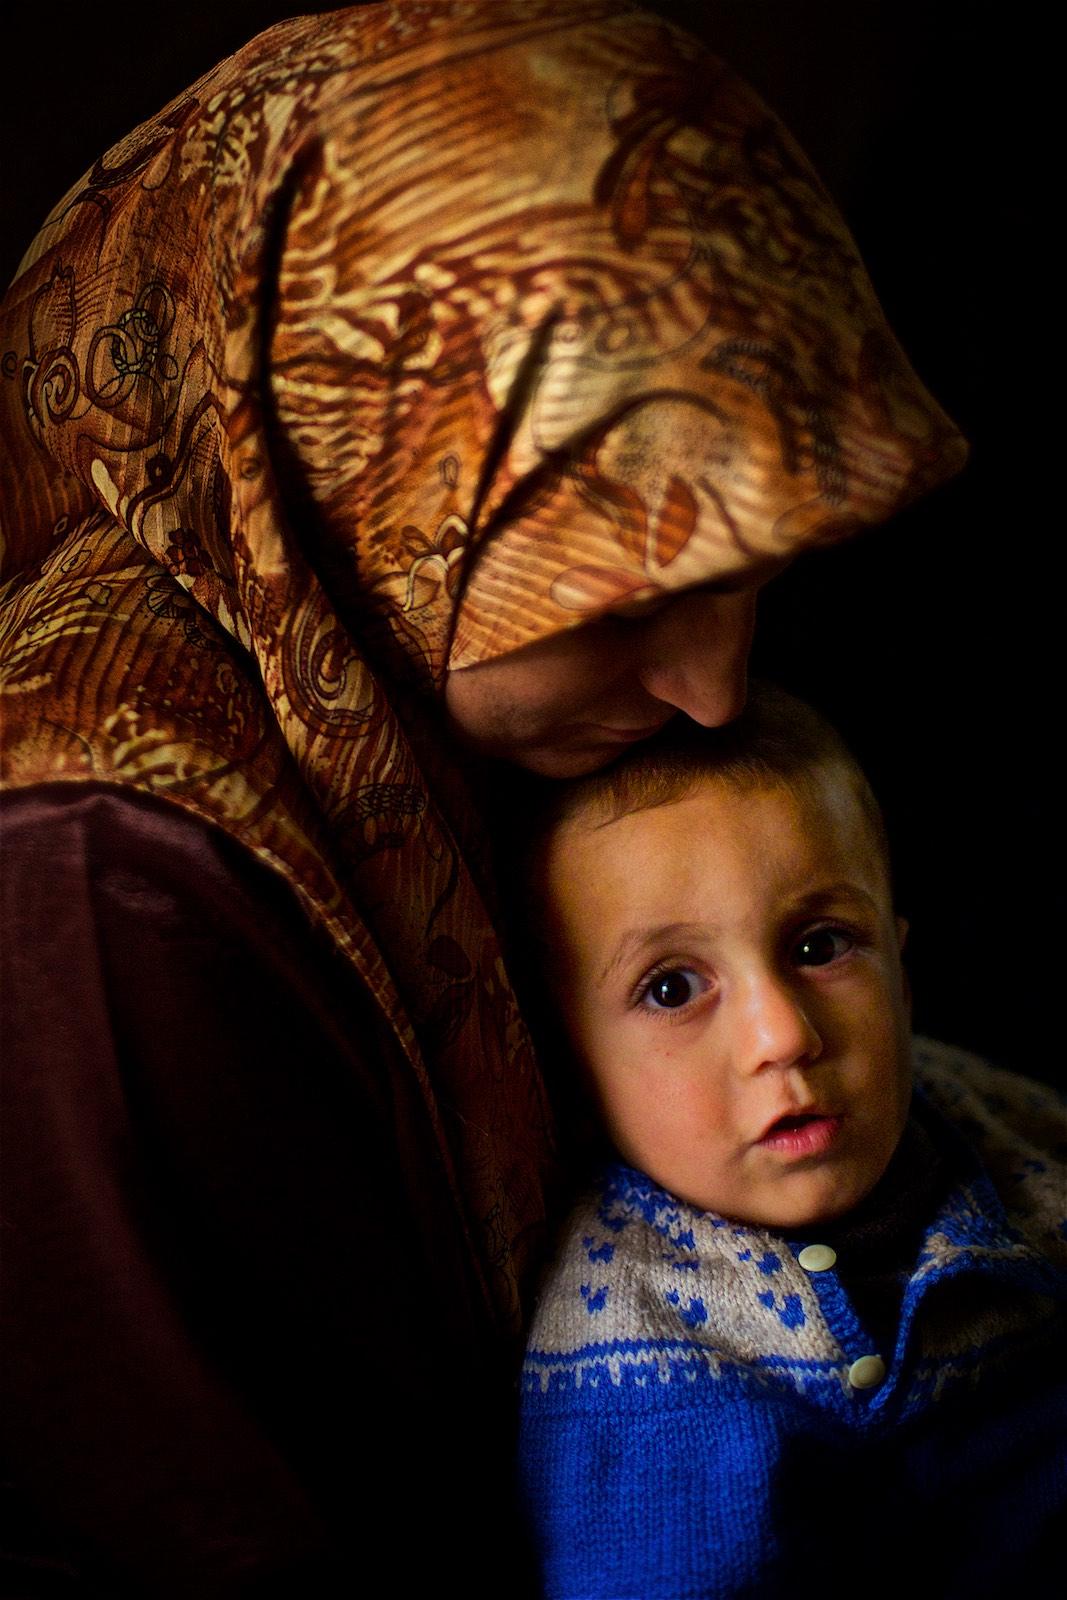 """""""Dve z mojich troch detí nikdy nevideli Sýriu,"""" vraví Abdulla. """"Čo pre nich bude domov? Krajina, kde nemôžu pracovať a nie je im dovolené voľne sa pohybovať?""""(photo: Denis Bosnic)"""